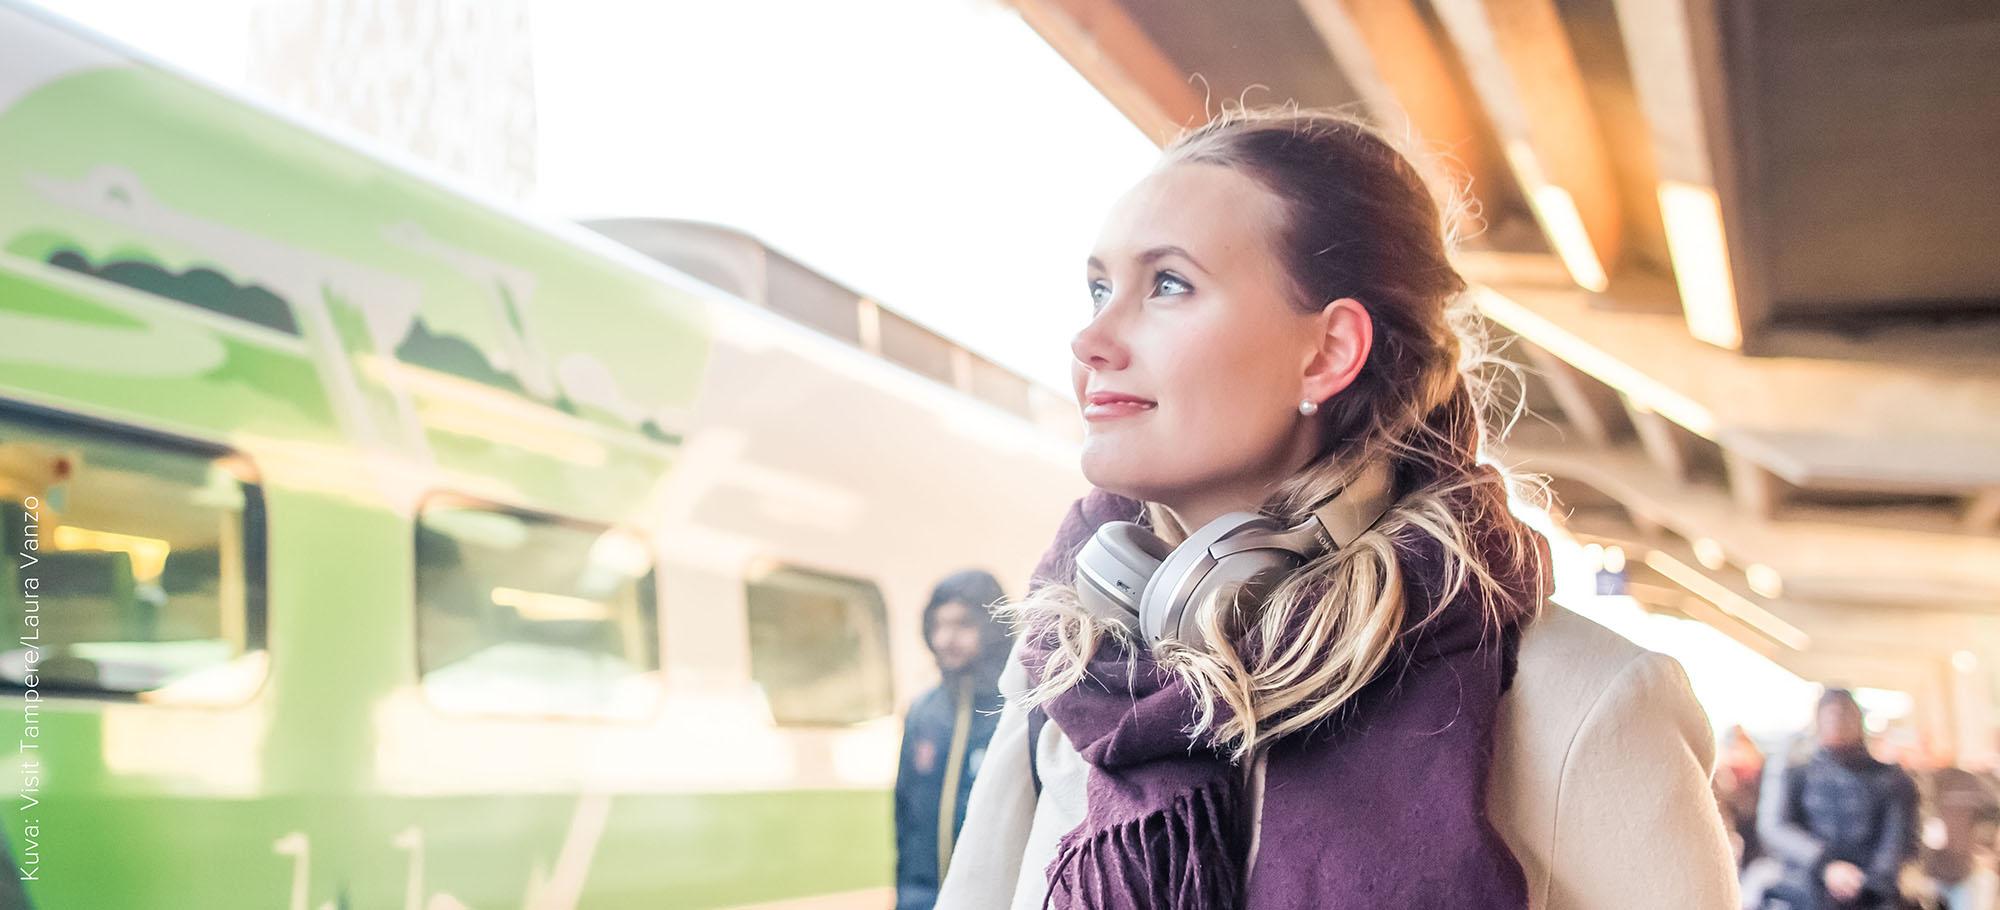 Nuori nainen odottaa junan tuloa asemalla.